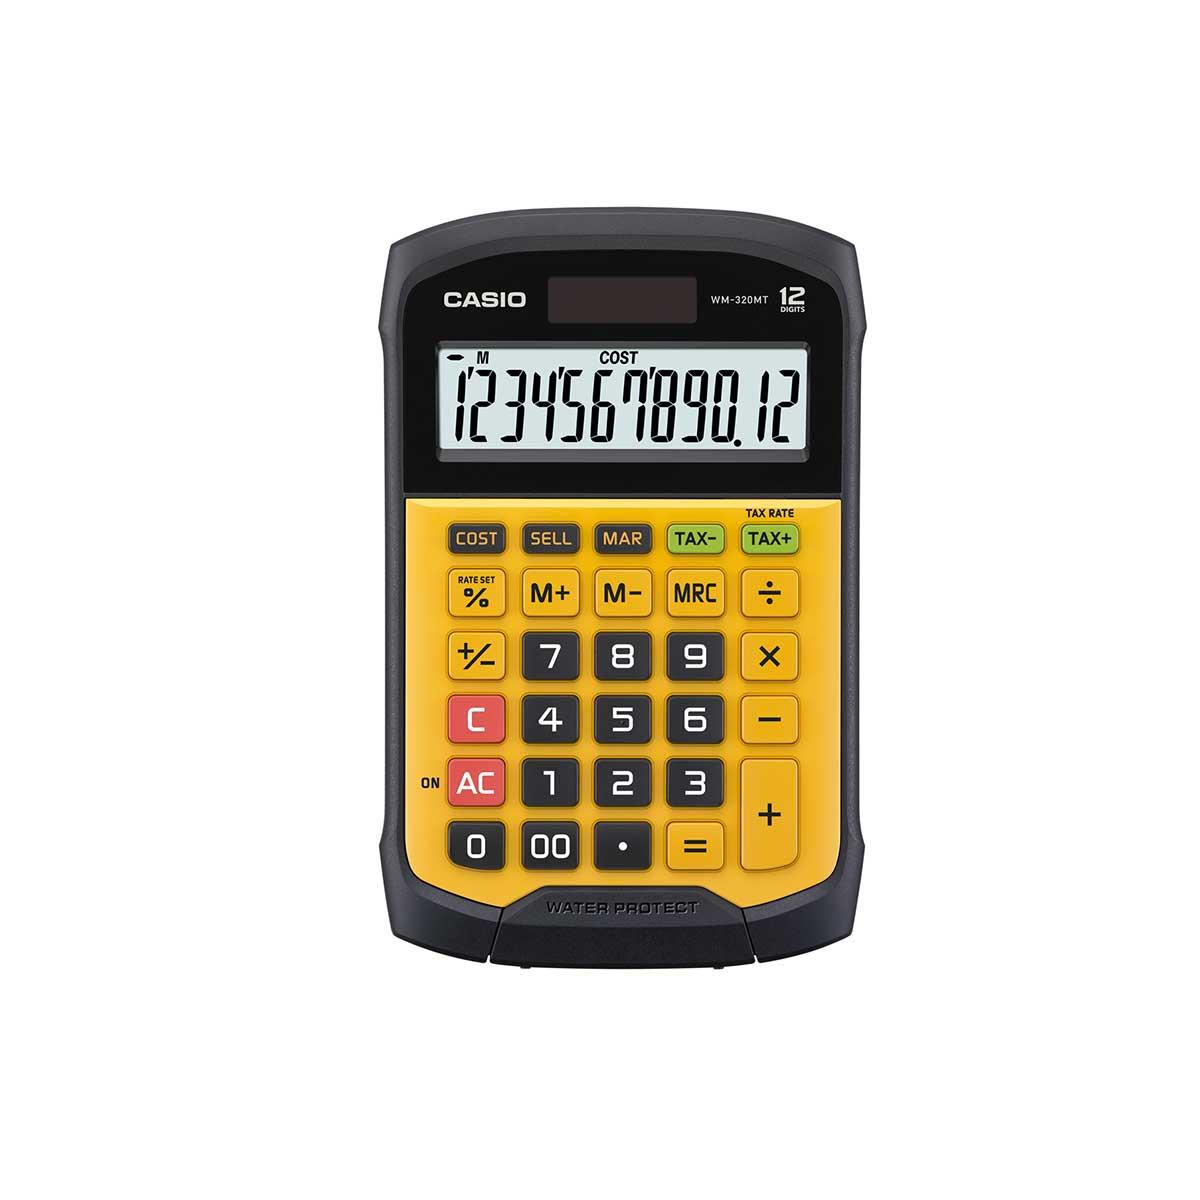 Casio WM-320MT Desk Calculator